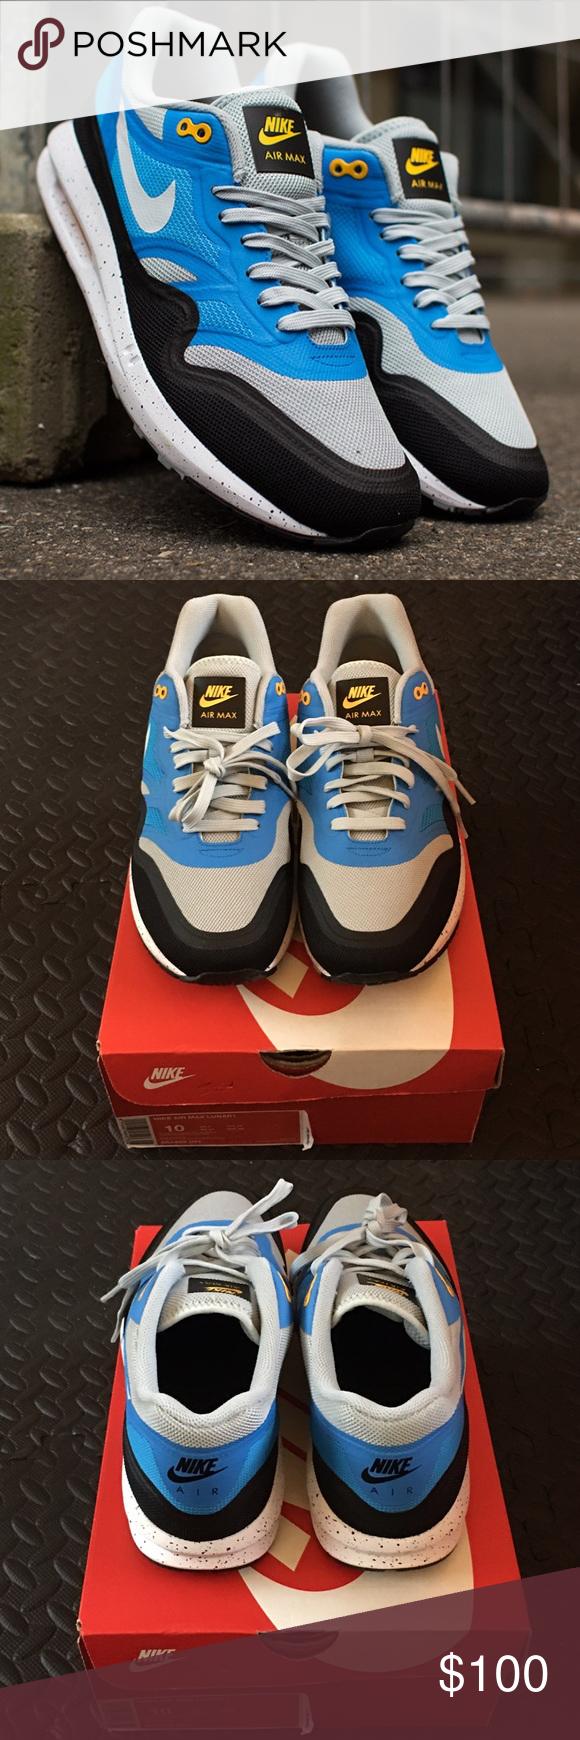 best website e5e19 33708 ... discount code for nike air max lunar 1 sneakers nike air max lunar 1  sneakers silver